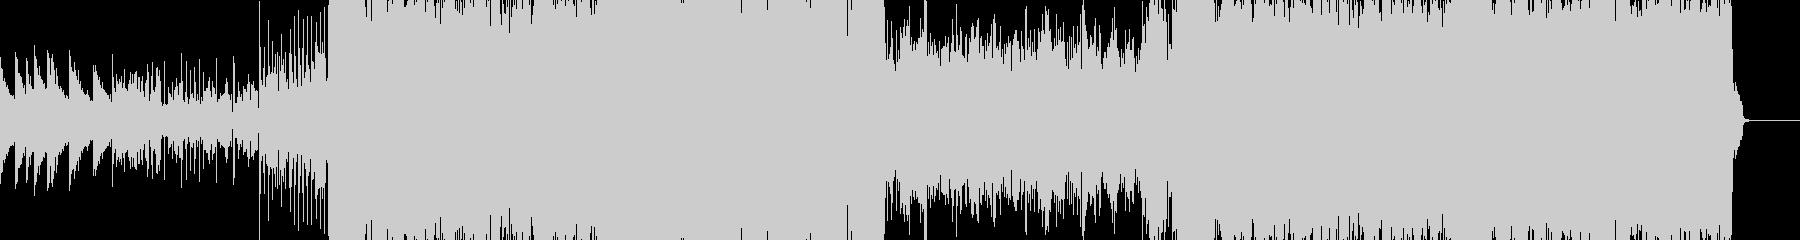 日本の侍!「かっこいいピアノ演奏」の未再生の波形